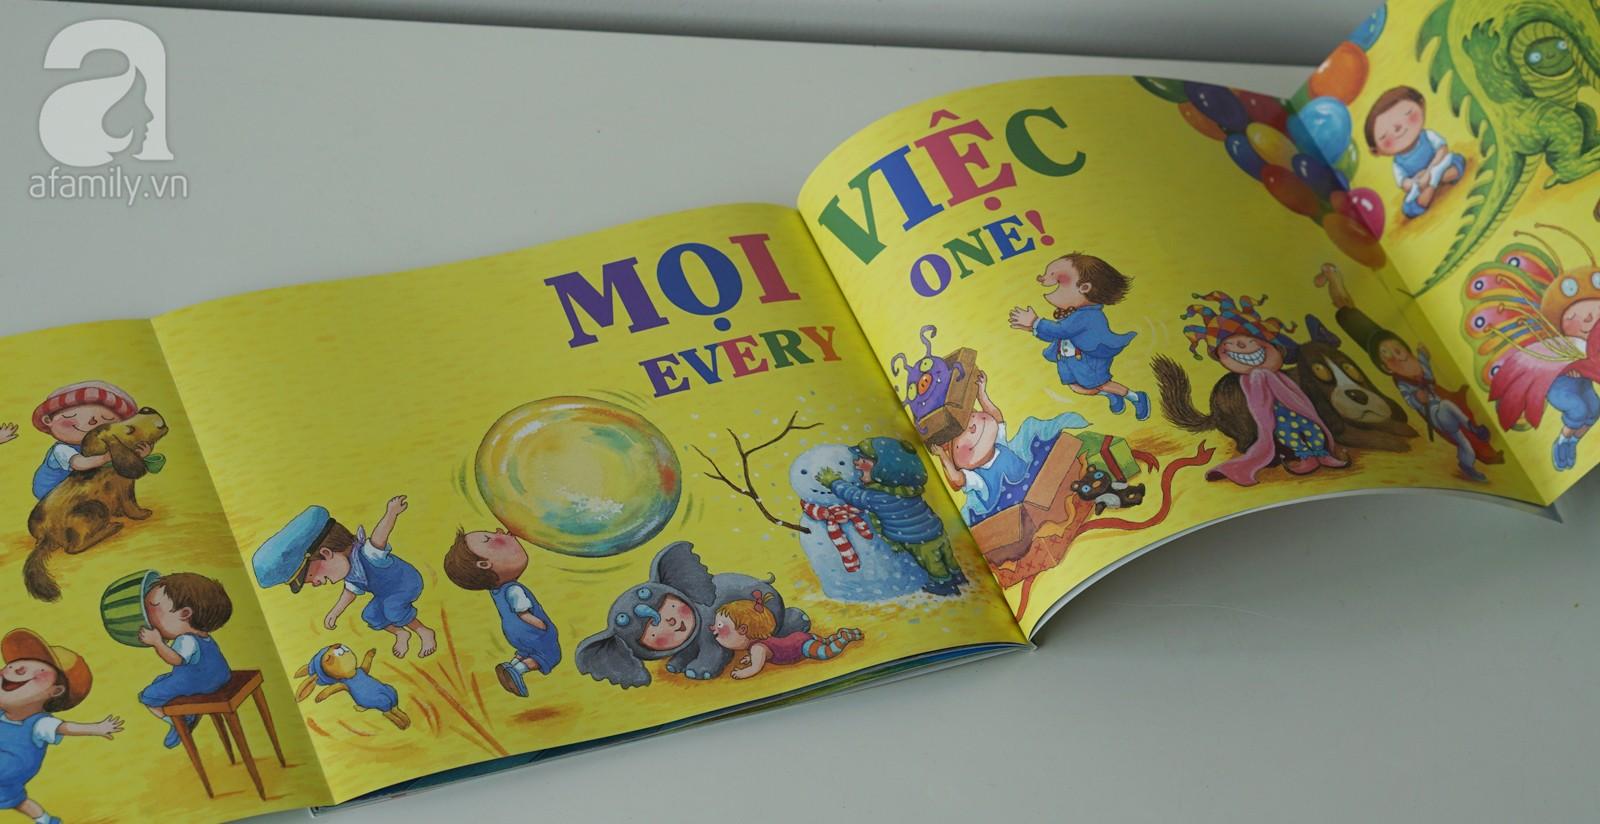 Muốn con học siêu tiếng Anh từ nhỏ, bố mẹ không thể bỏ qua những cuốn sách song ngữ này! - Ảnh 6.